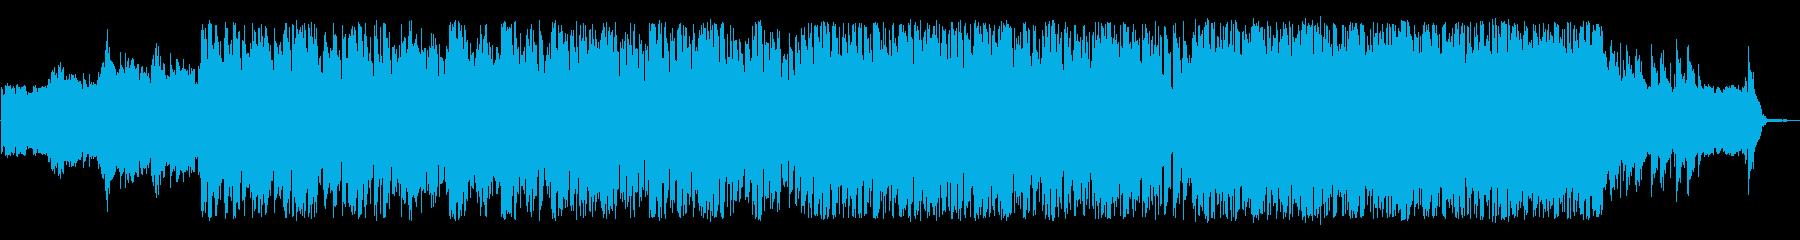 軽快で明るいポストロックの再生済みの波形